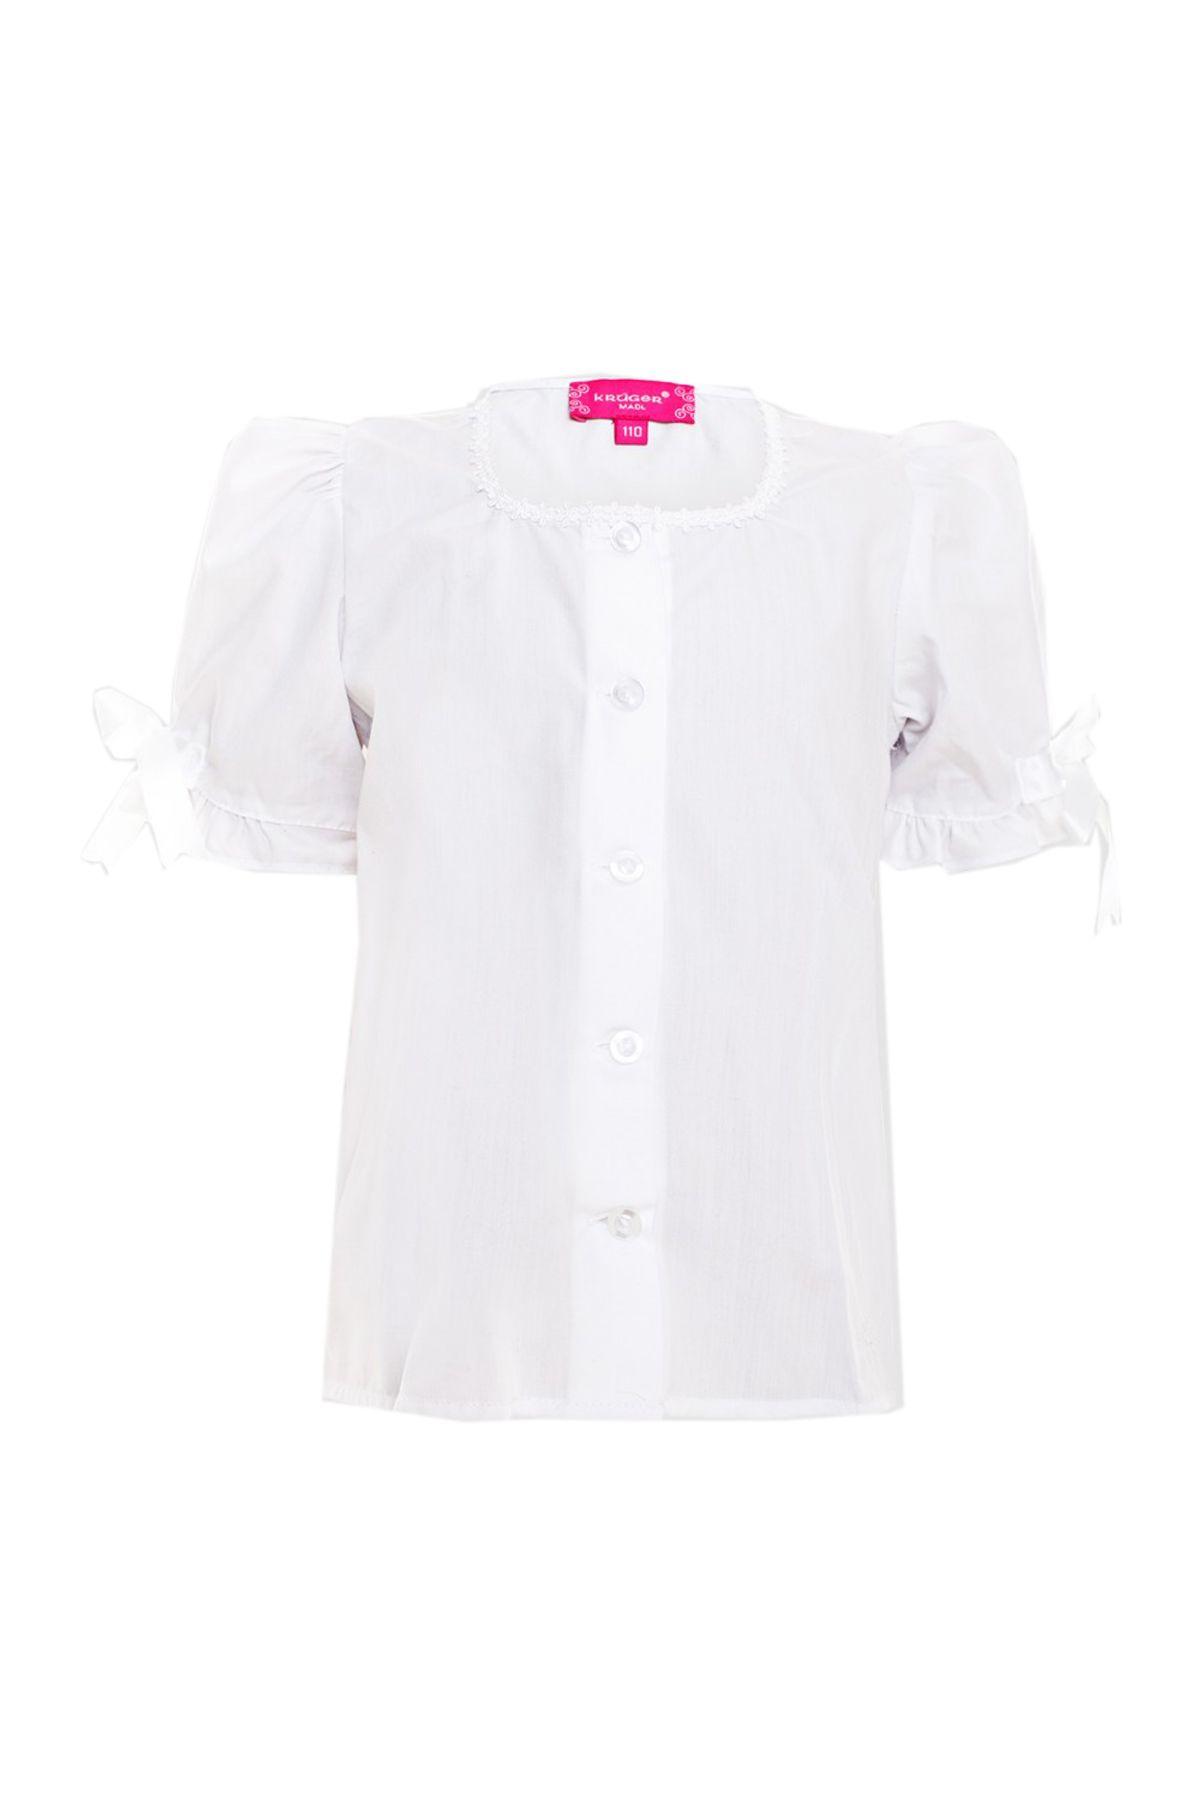 Krüger - Kinder Trachten Bluse in weiß (Artikelnummer: 85068-1) – Bild 1